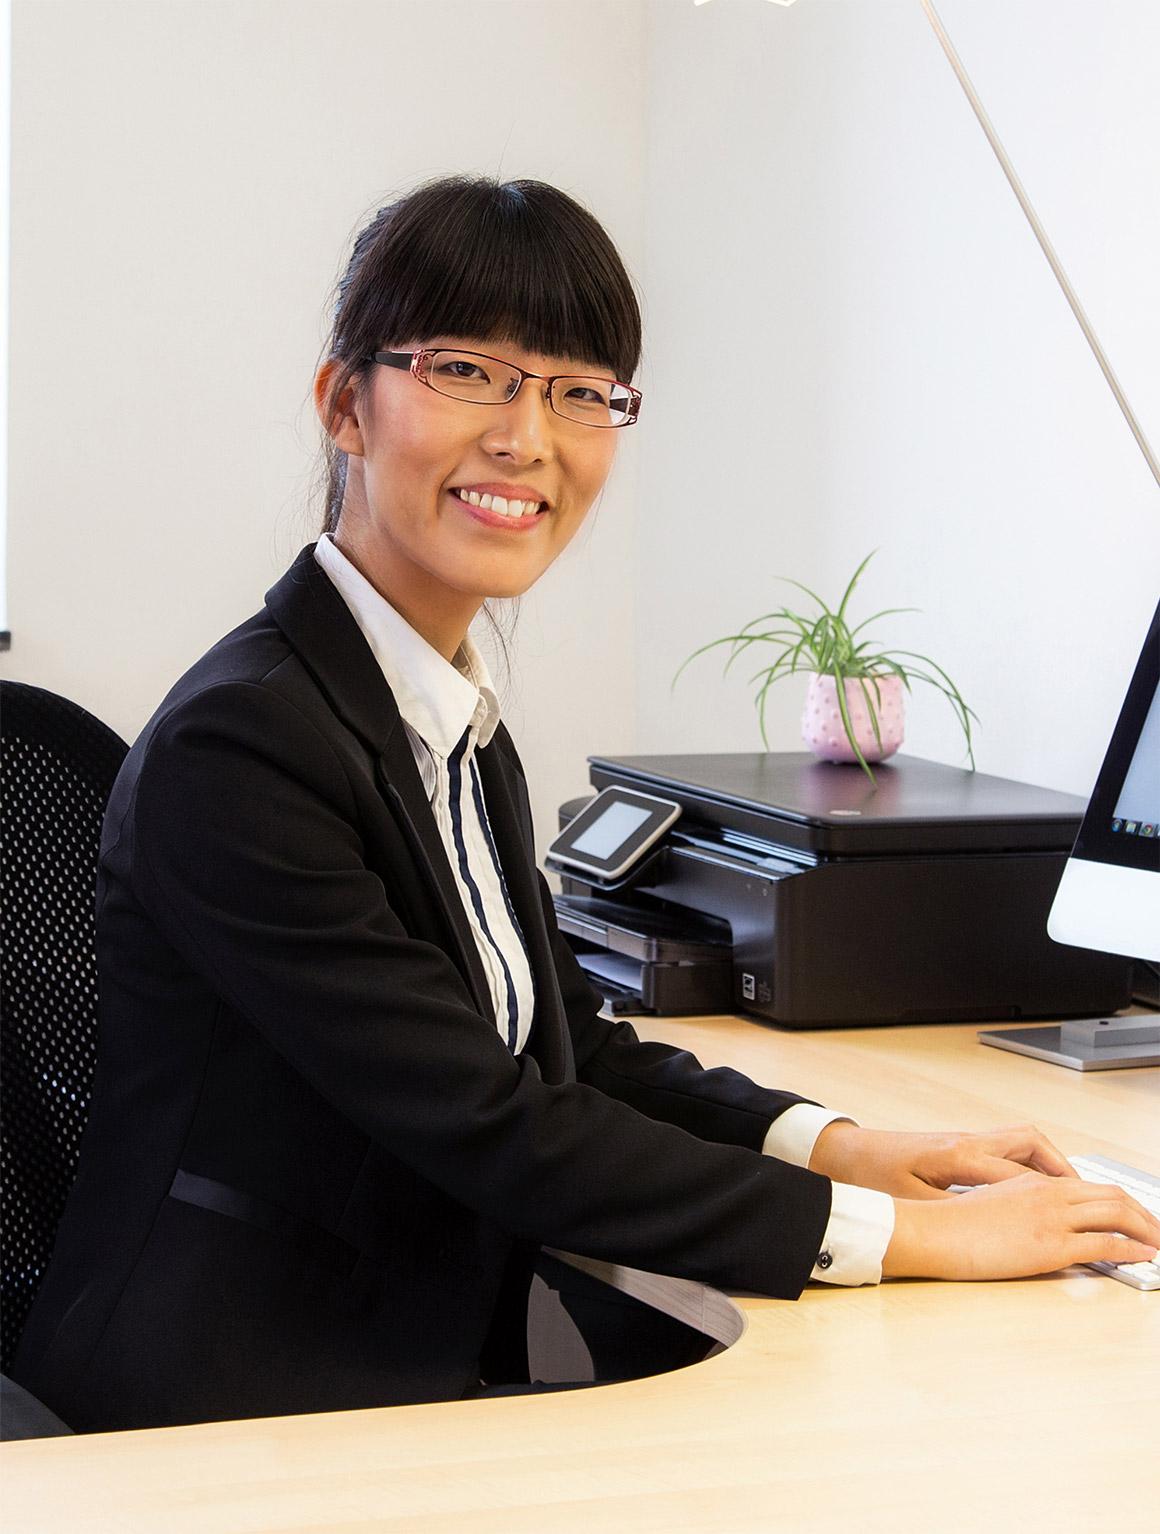 Dr. Lin Gao